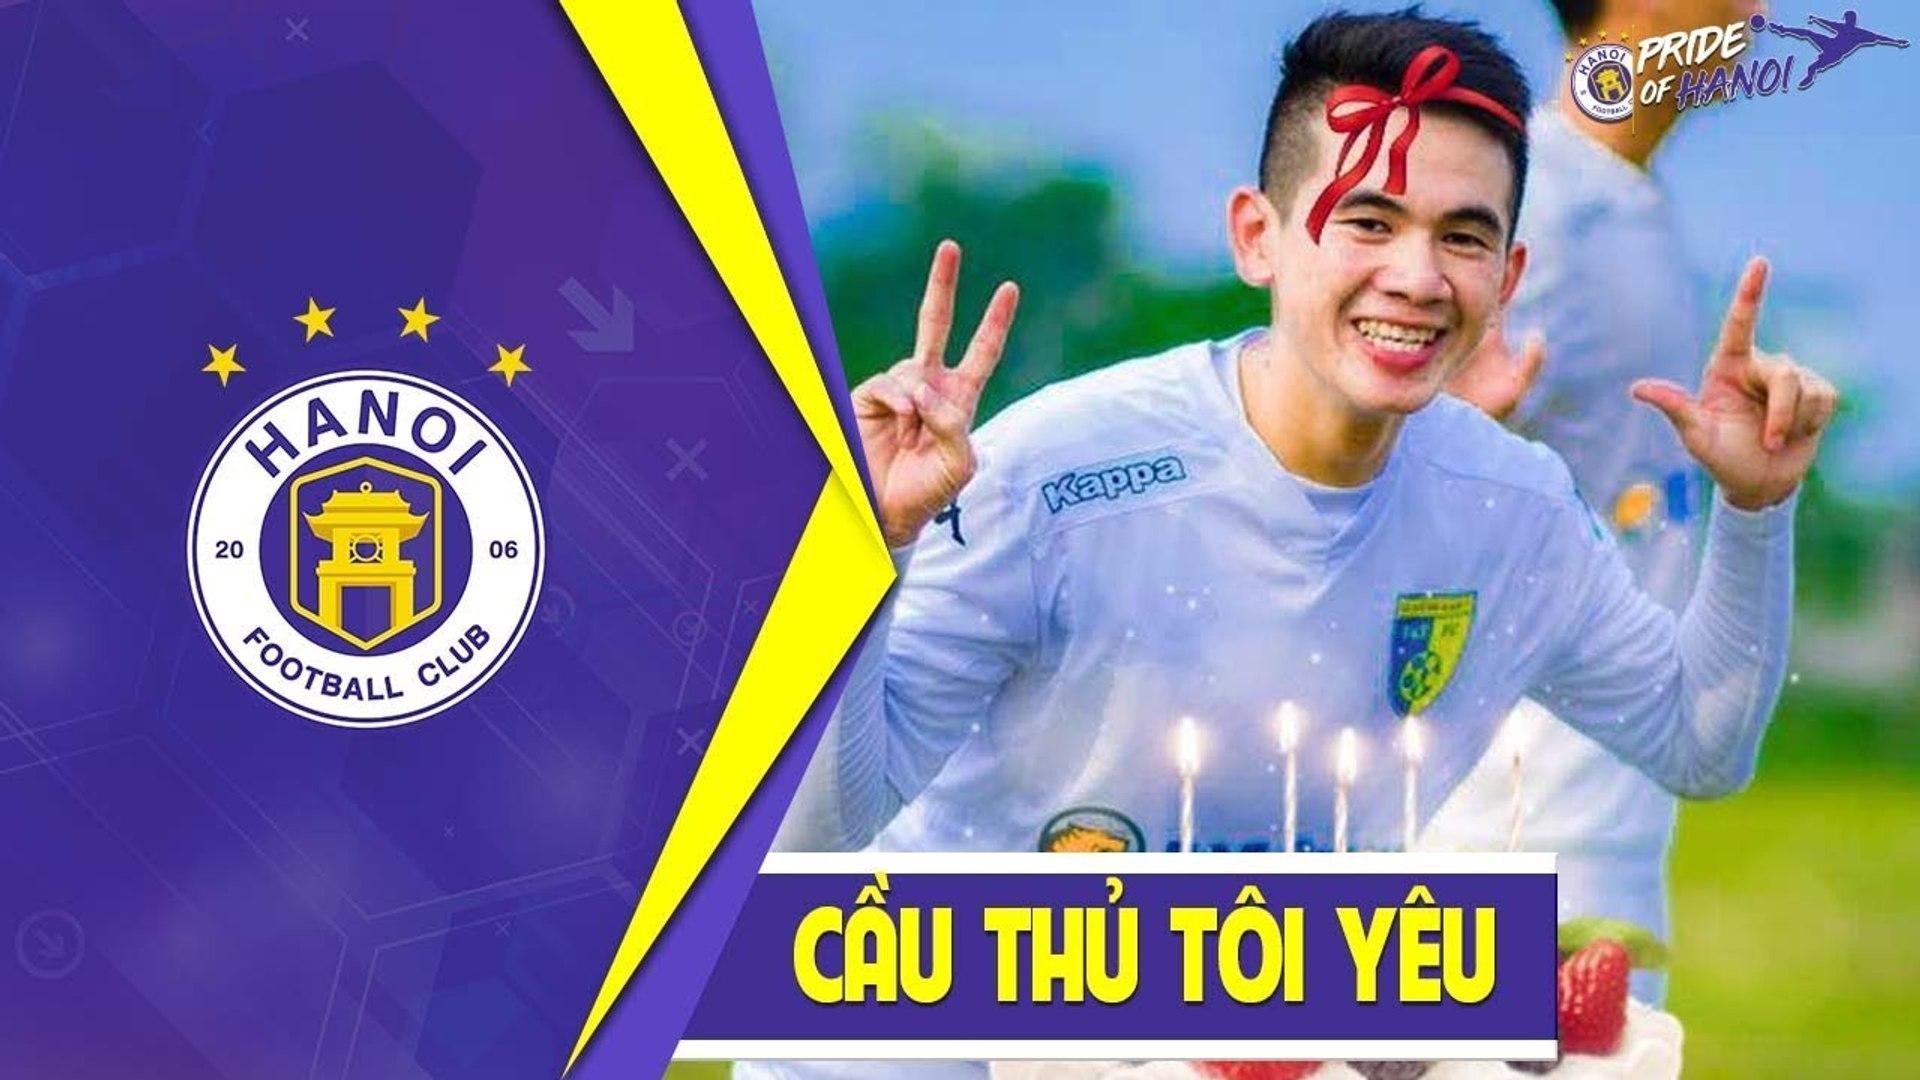 Chúc mừng sinh nhật Kiên Shin - Cánh én không mỏi của đội bóng Thủ Đô | HANOI FC